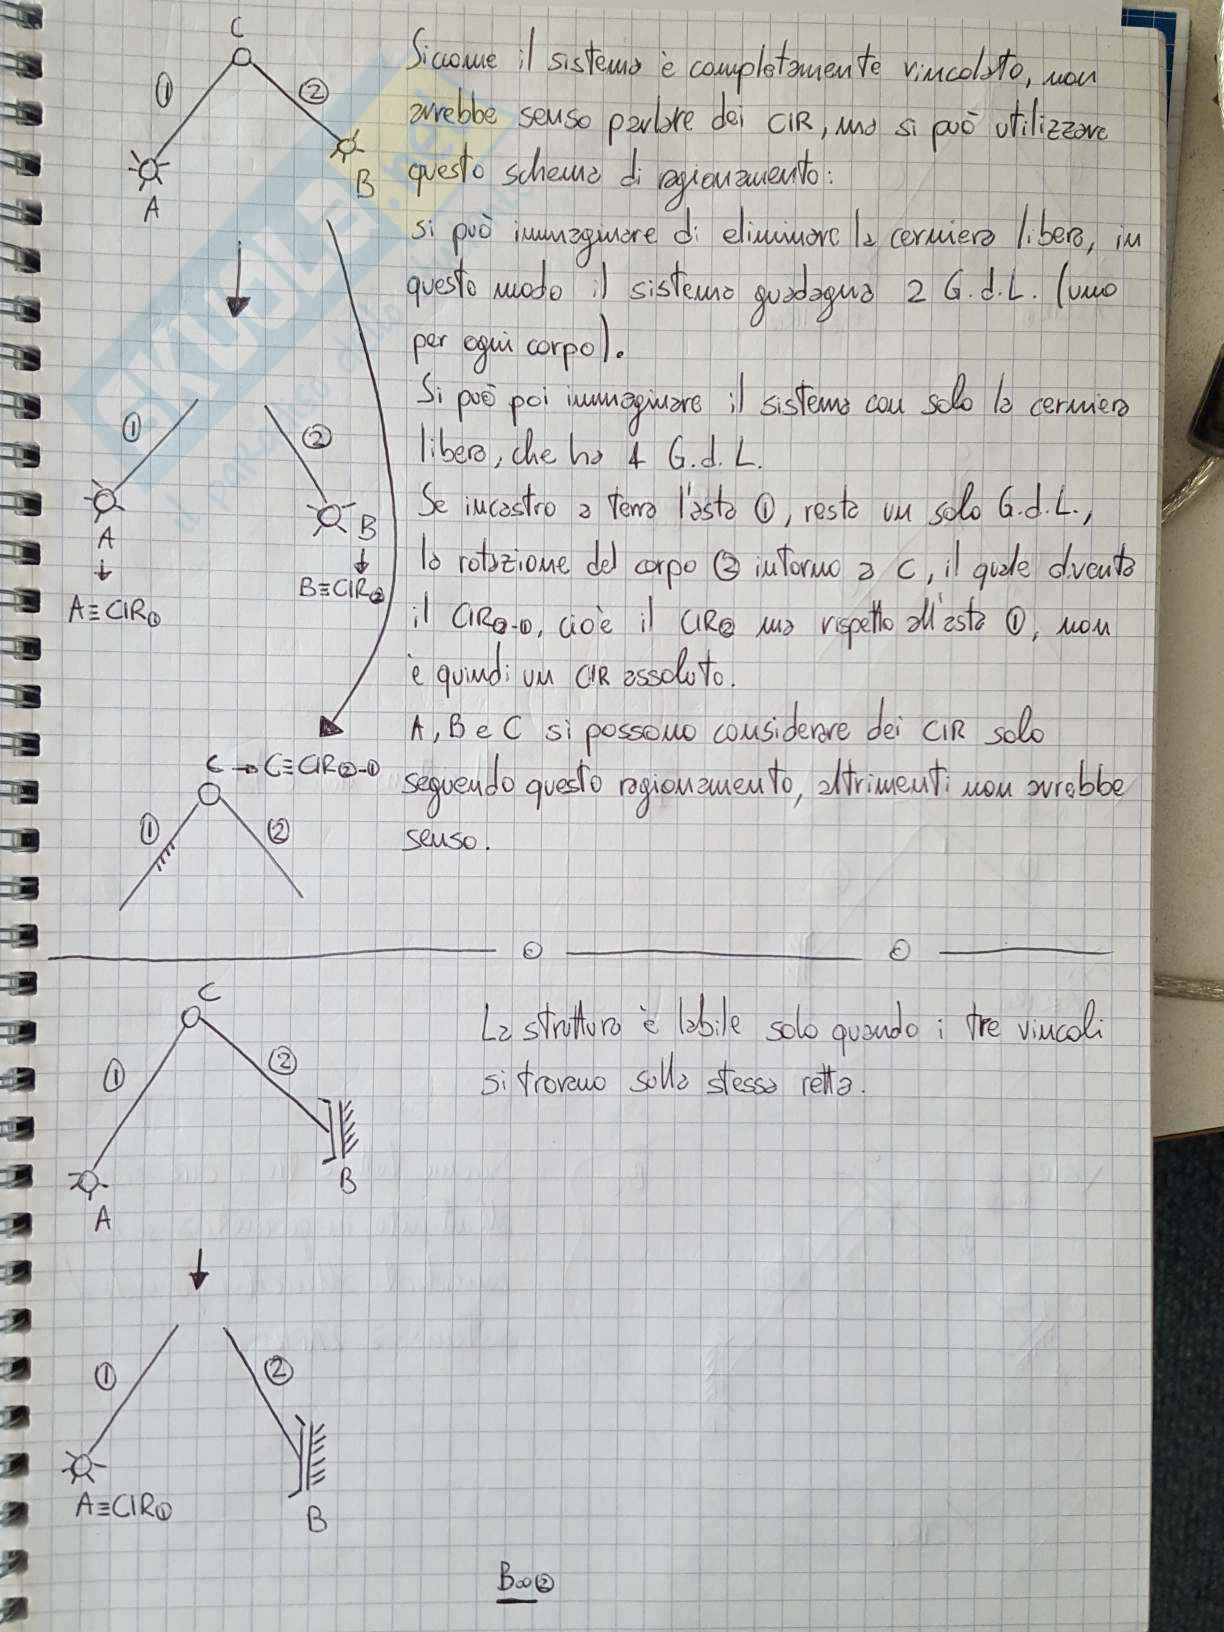 Appunti di Costruzione di Macchine 1 - Lezioni ed esercizi Pag. 11